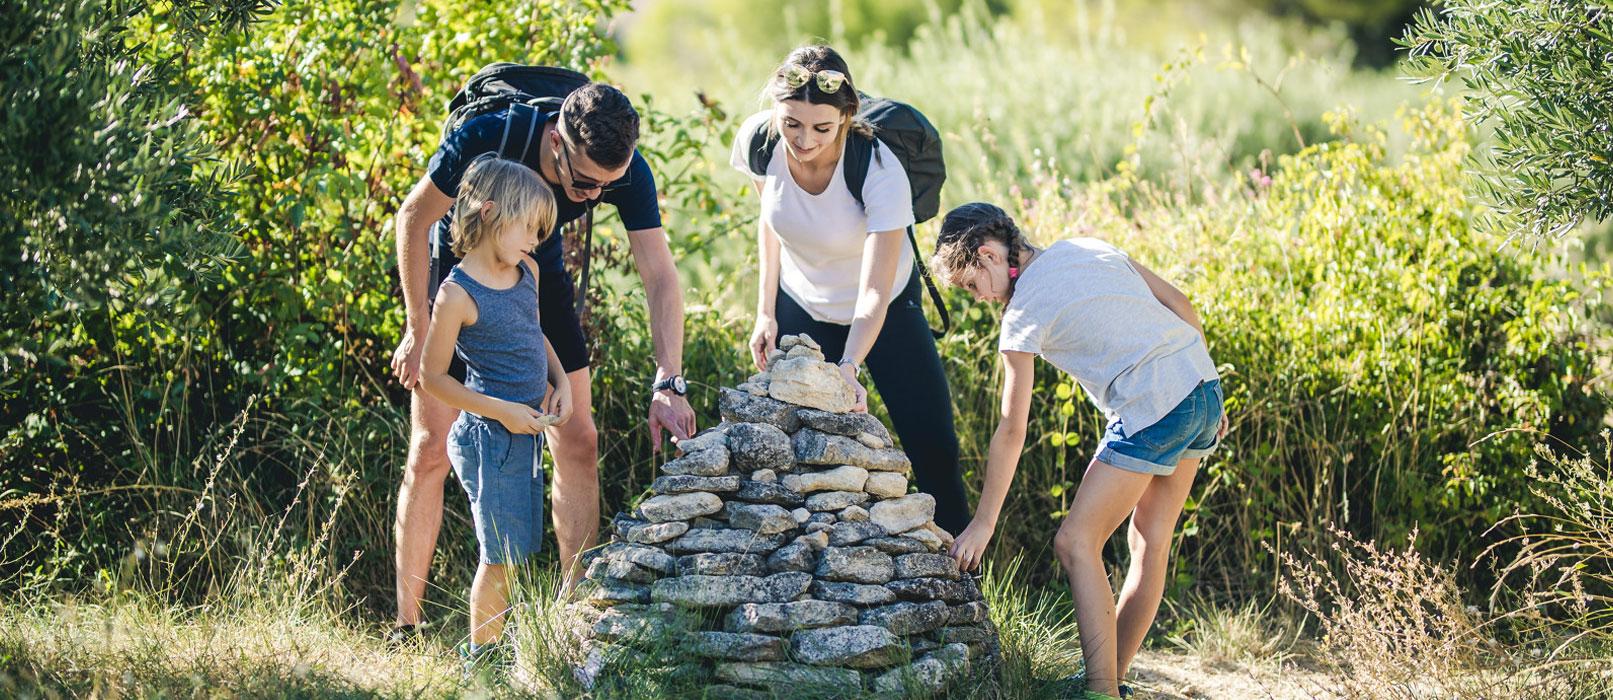 Famille en randonnée en Vaucluse © O'Brien